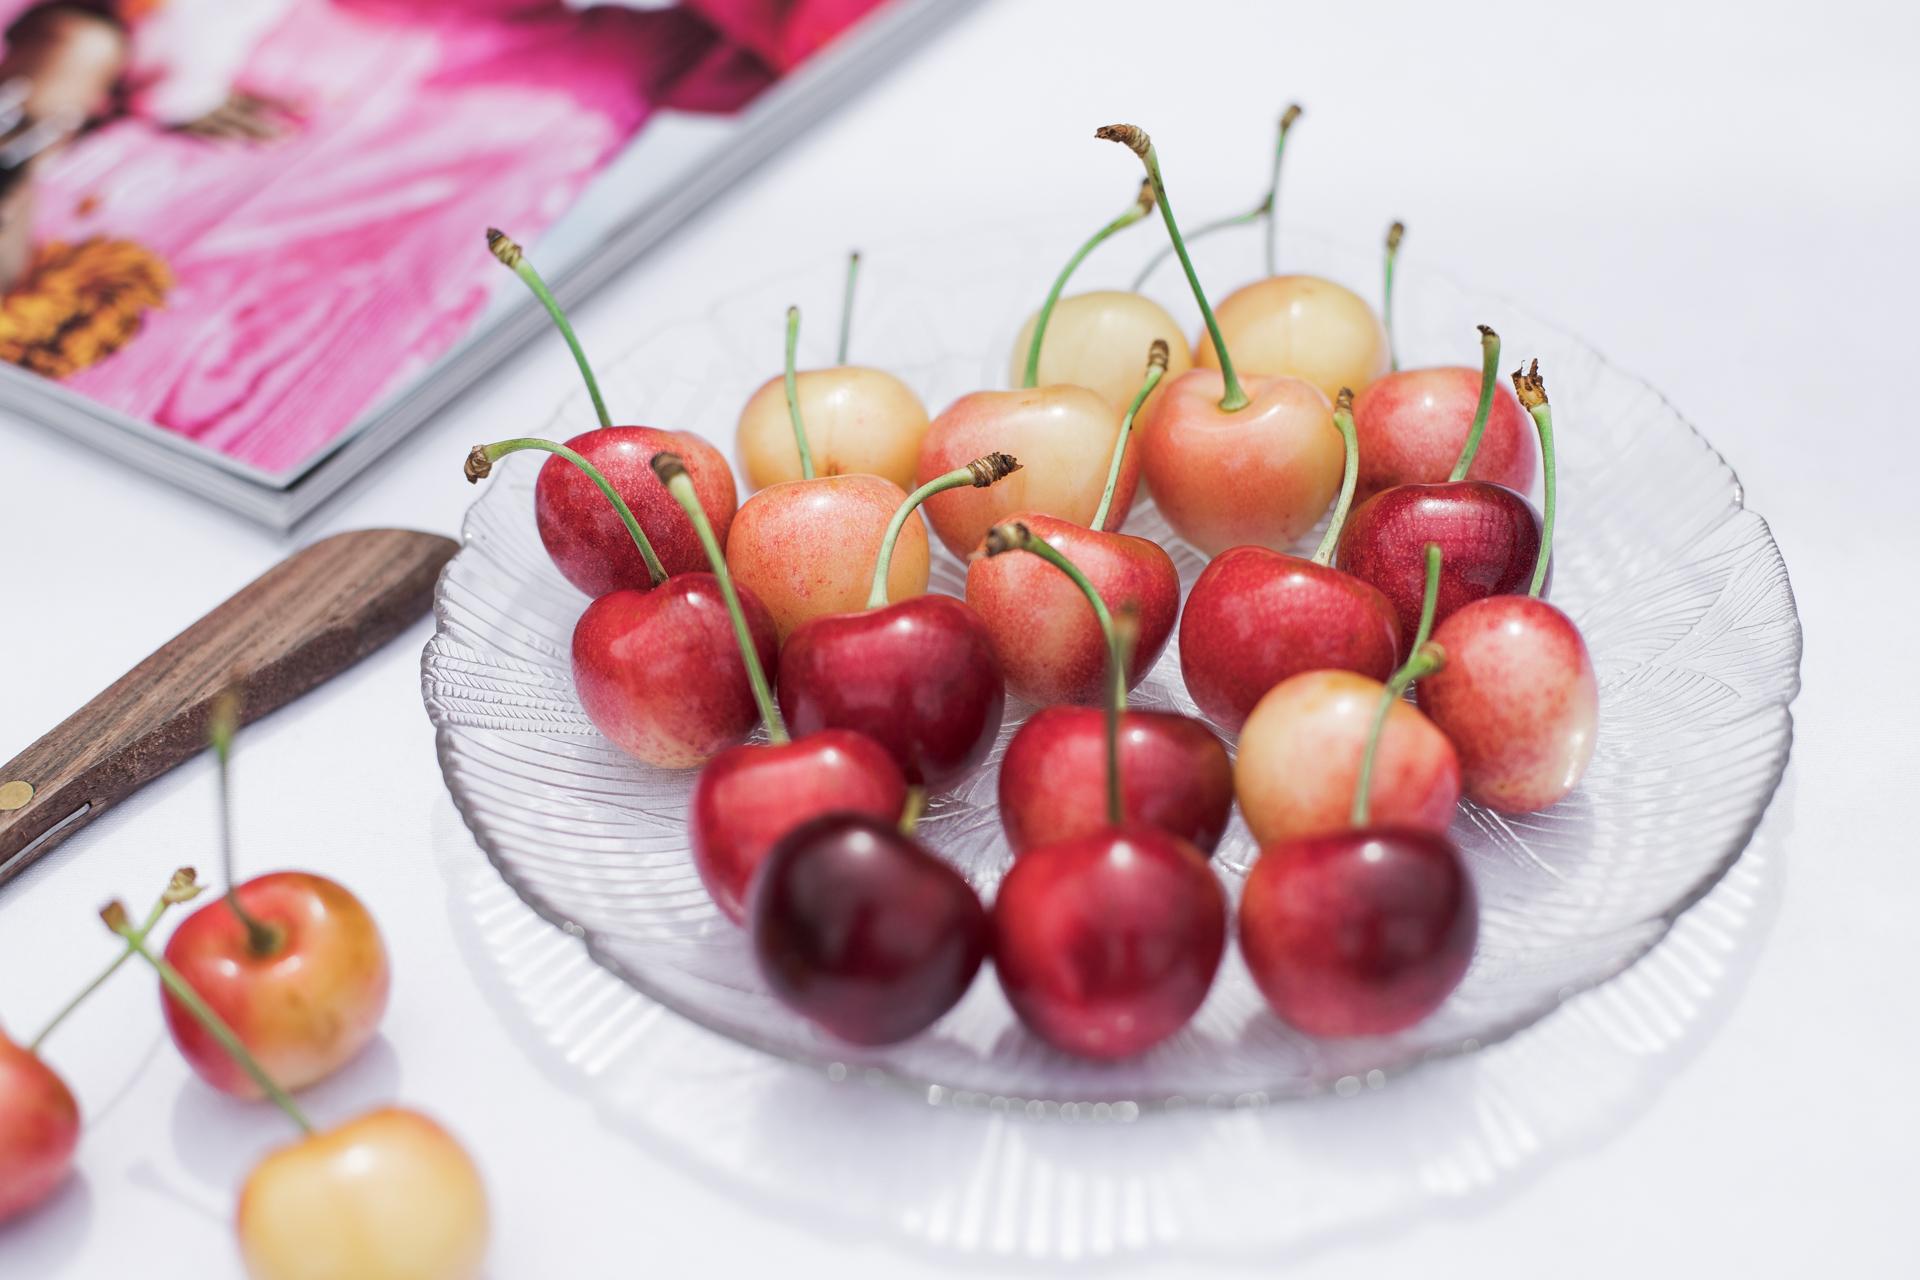 Starletta cherries 2018 (32 of 185).JPG